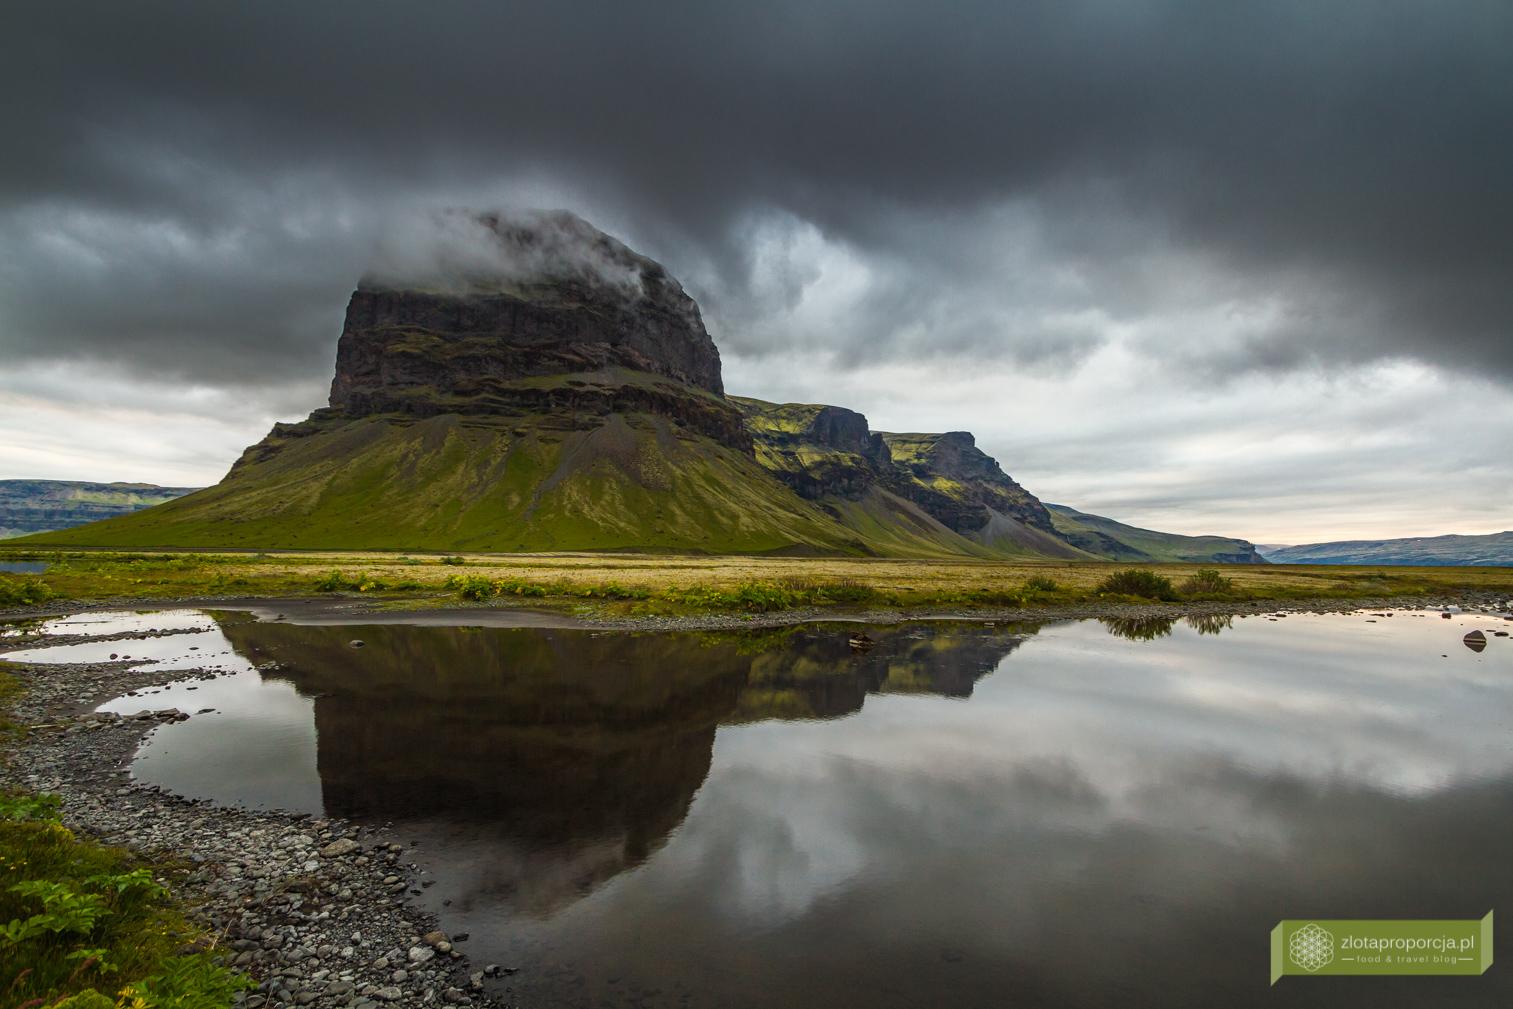 Południowo-wschodnia Islandia, Islandia, Islandia atrakcje, Islandia ciekawe miejsca